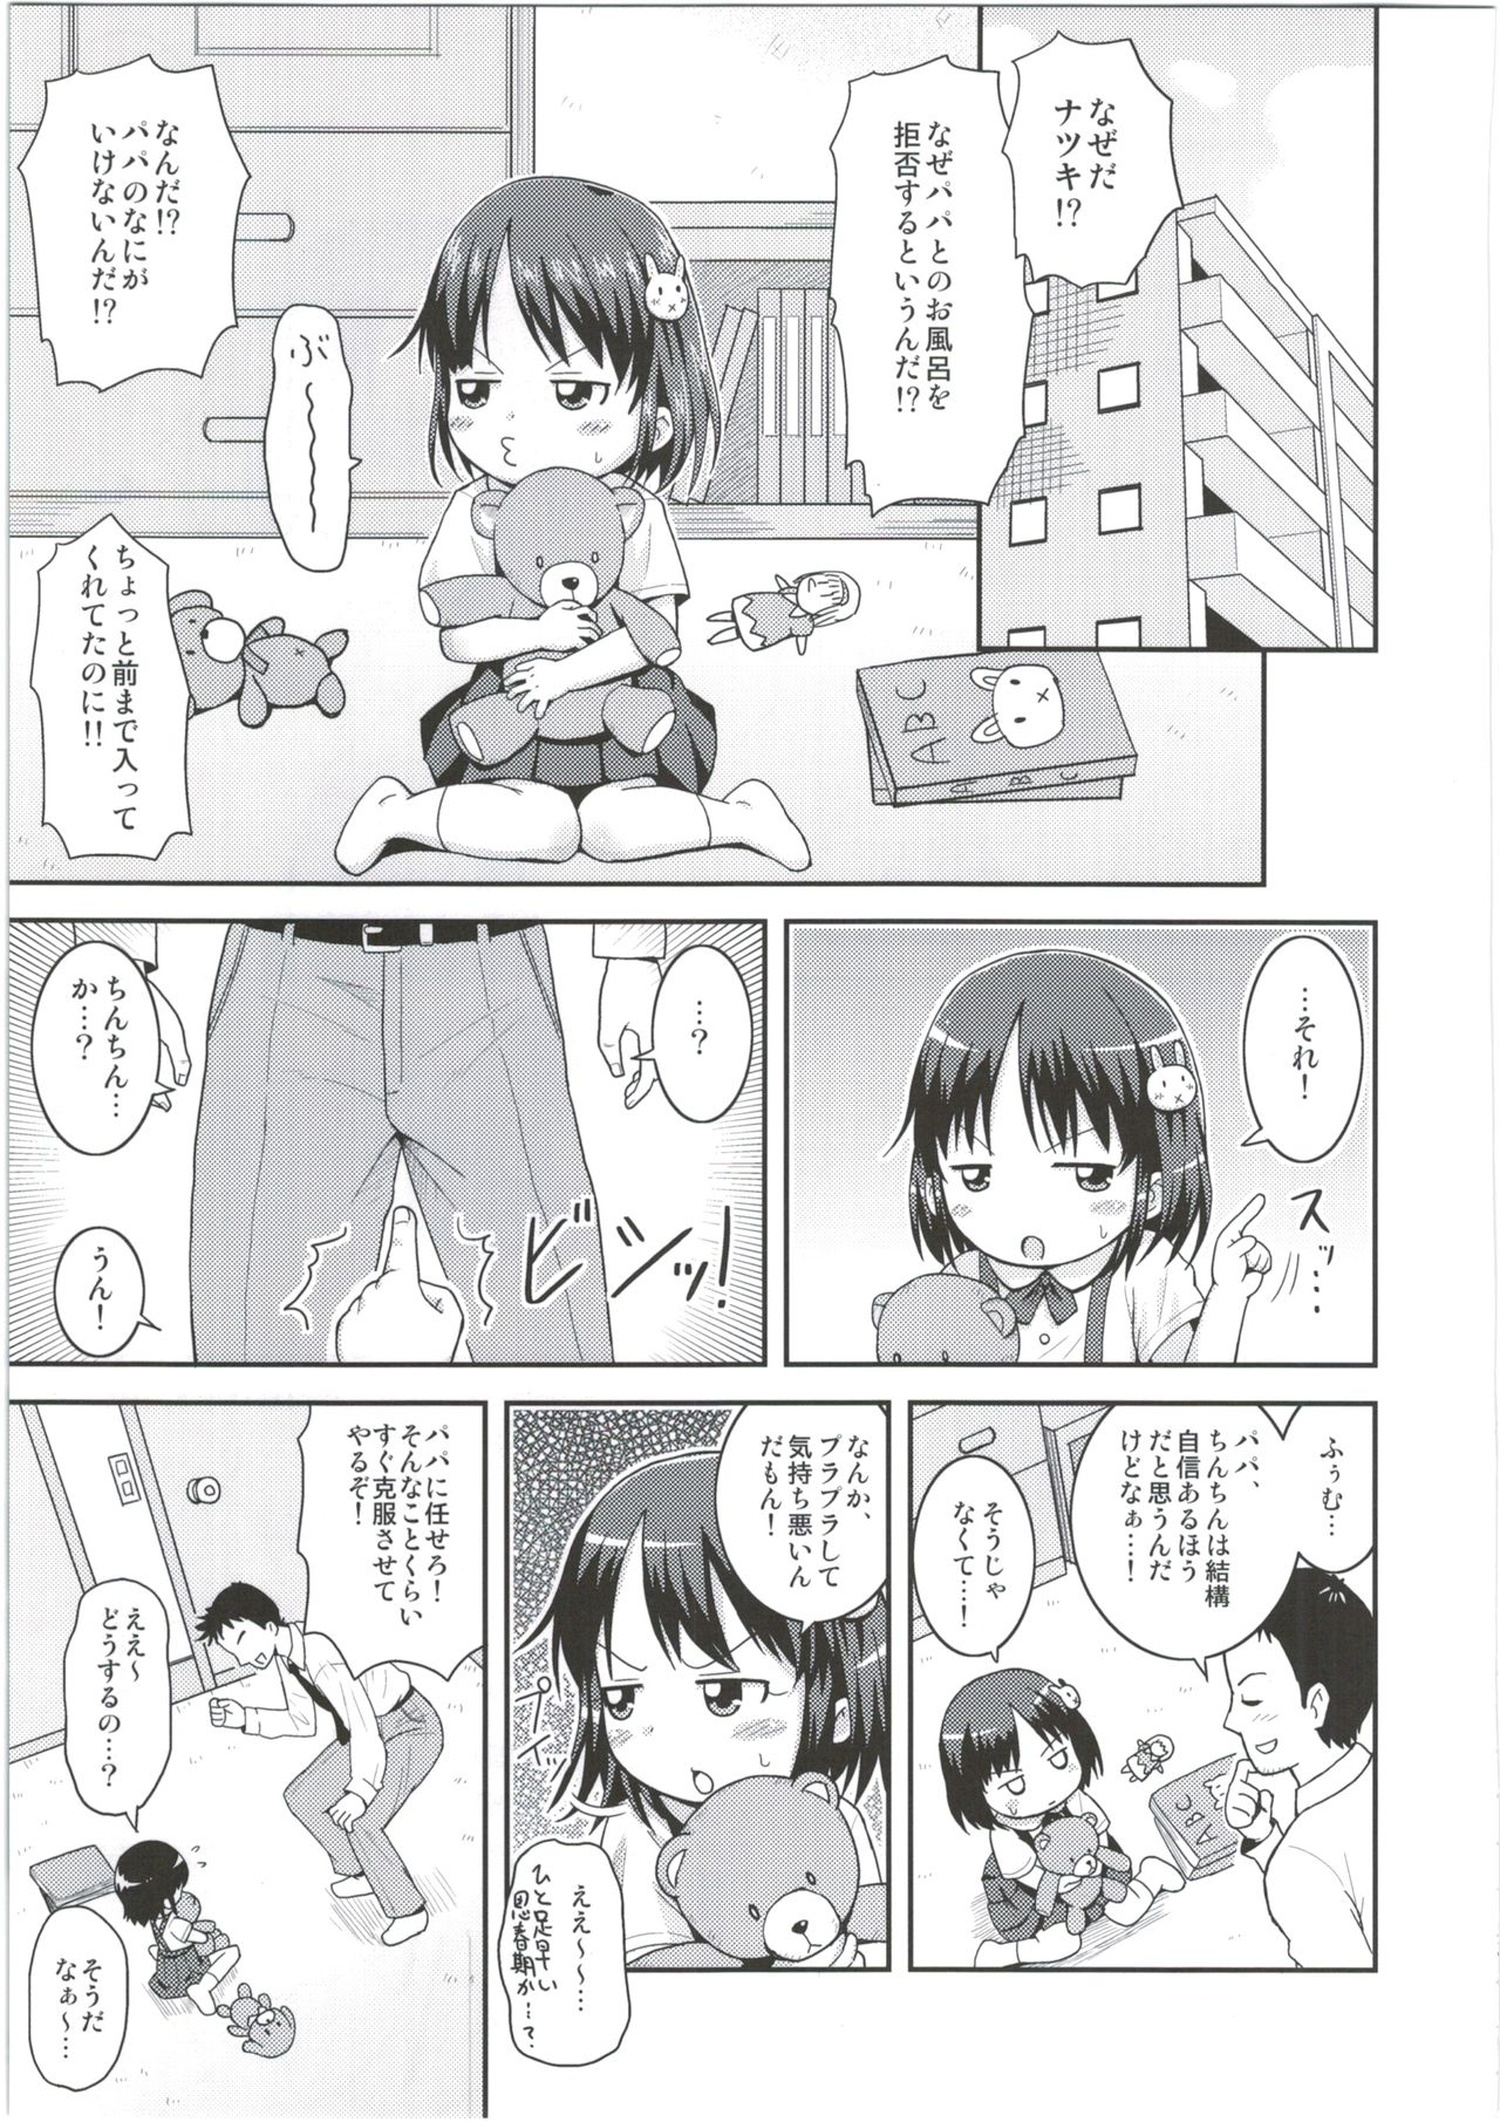 【エロ漫画・エロ同人誌】ロリ幼女な娘がパパのちんこが気持ち悪いって言うから特訓したったwww (2)